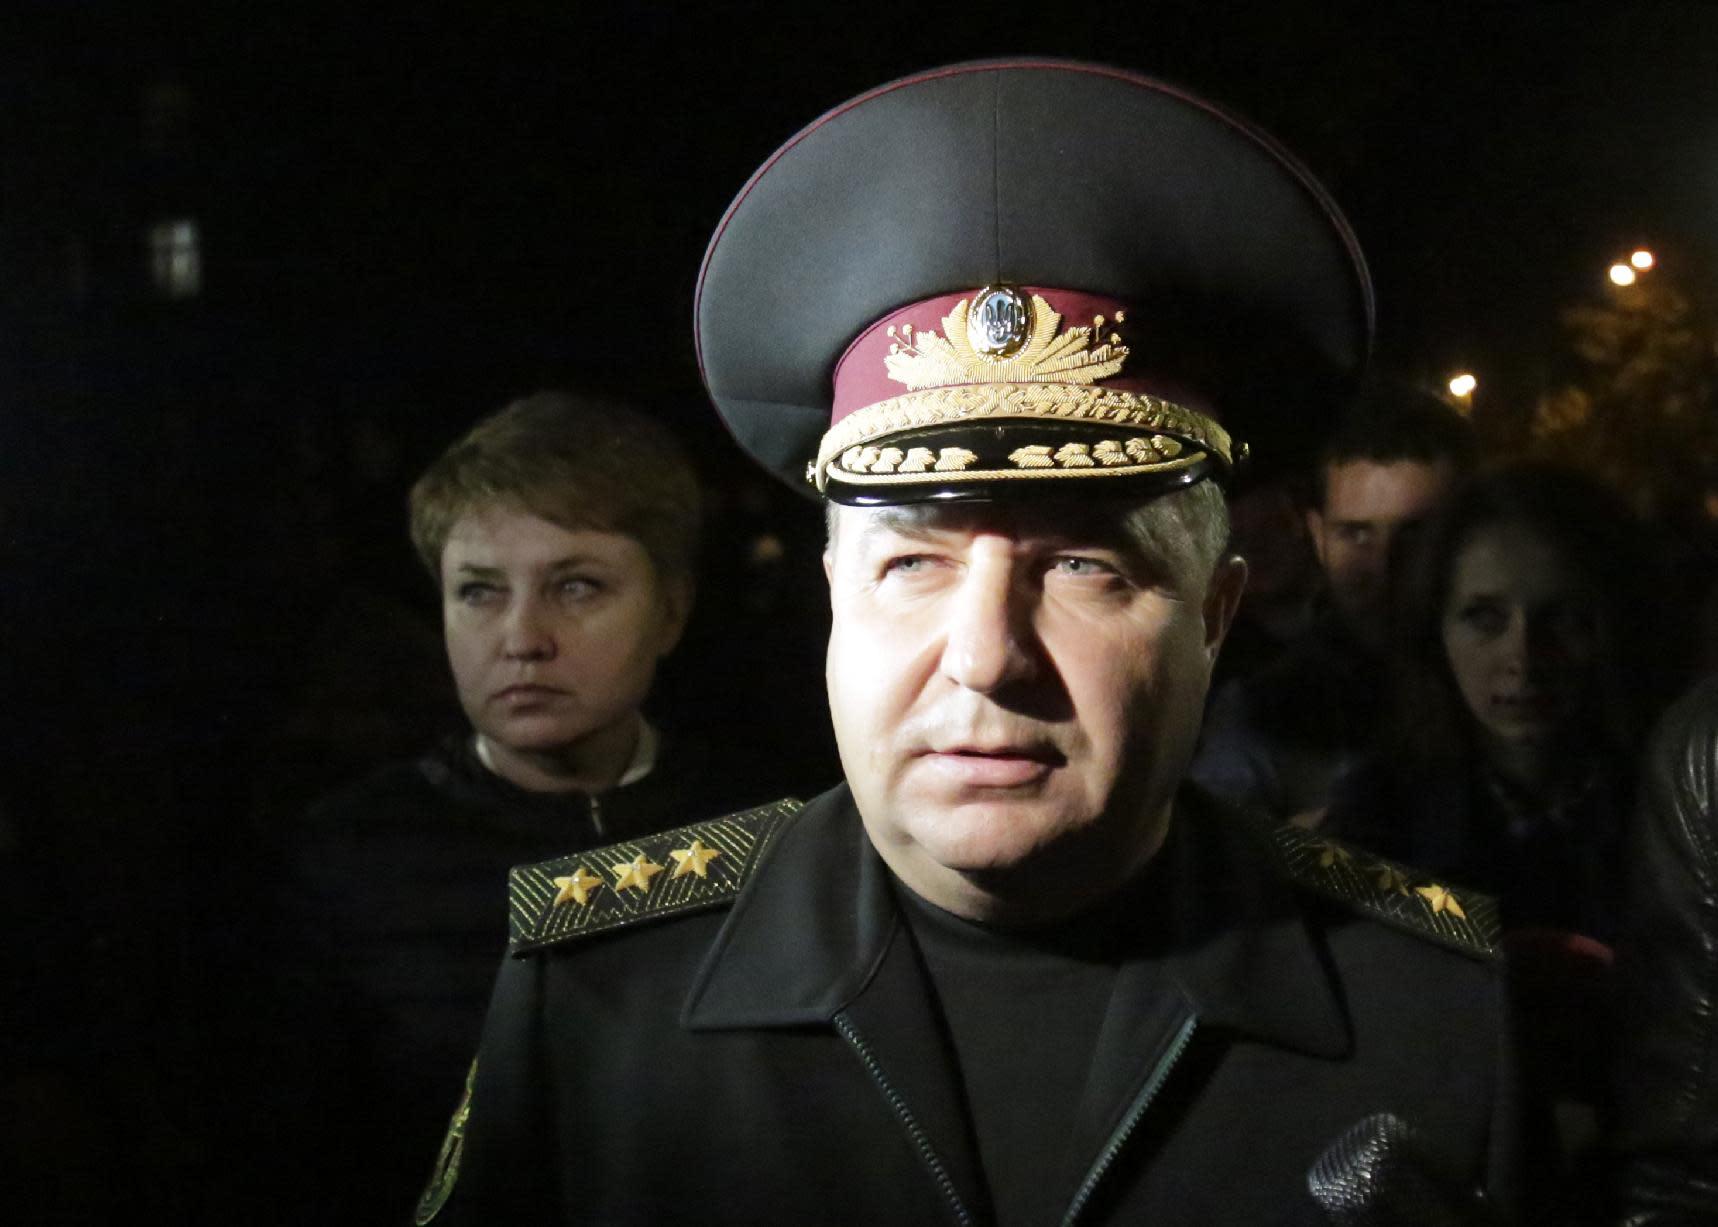 Ukraine's National Guard chief Stepan Poltorak speaks to the media in Kiev, on October 13, 2014